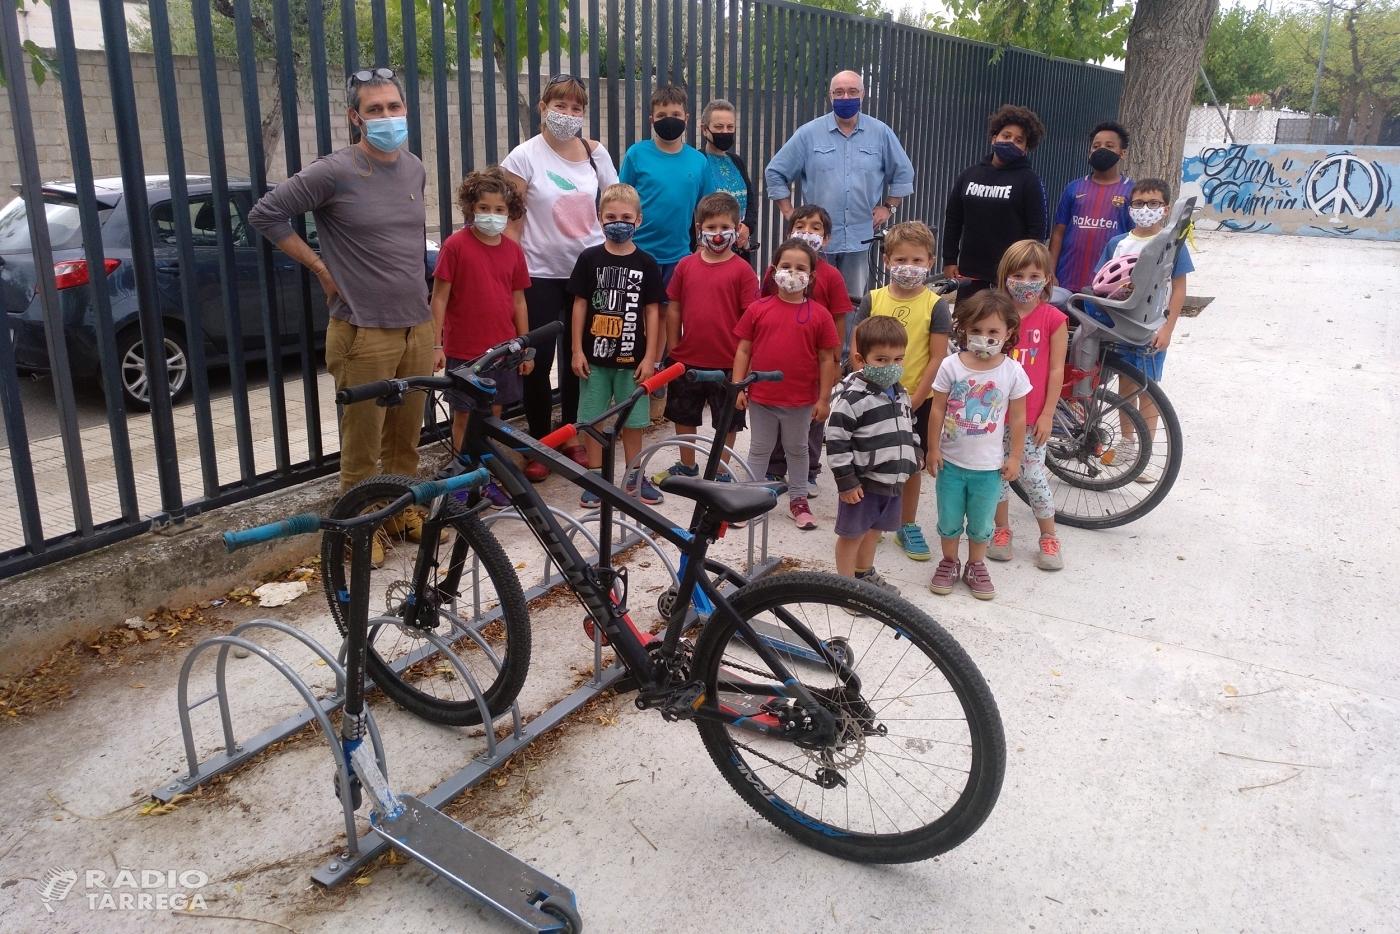 L'Escola Àngel Guimerà de Tàrrega promociona els aparca-bicis per afavorir una mobilitat més sostenible